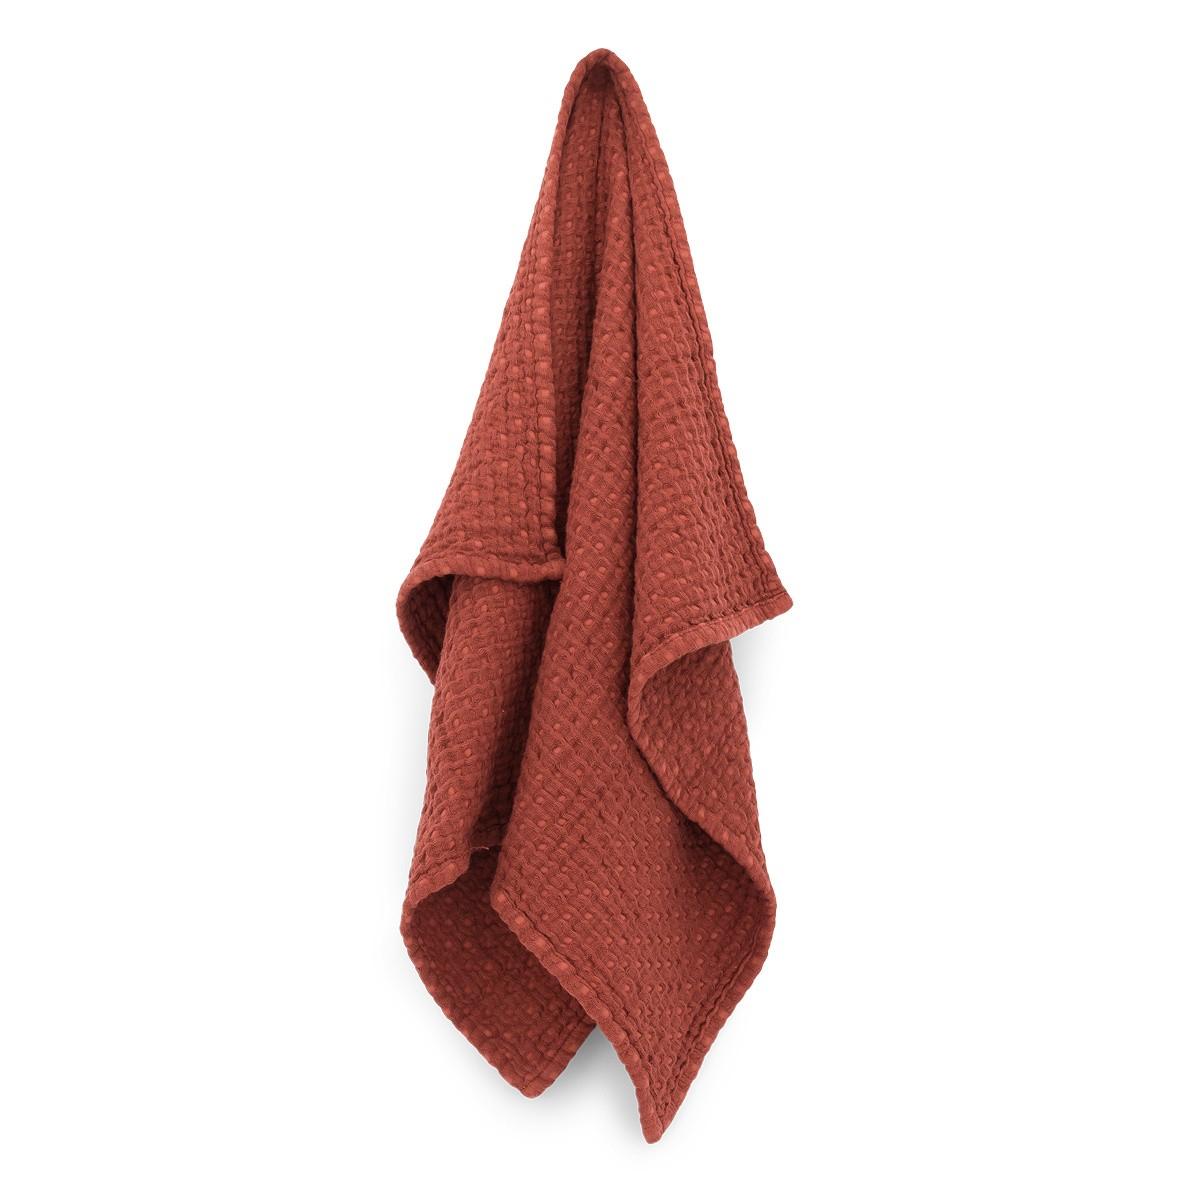 Cucina Towel, Brick Red